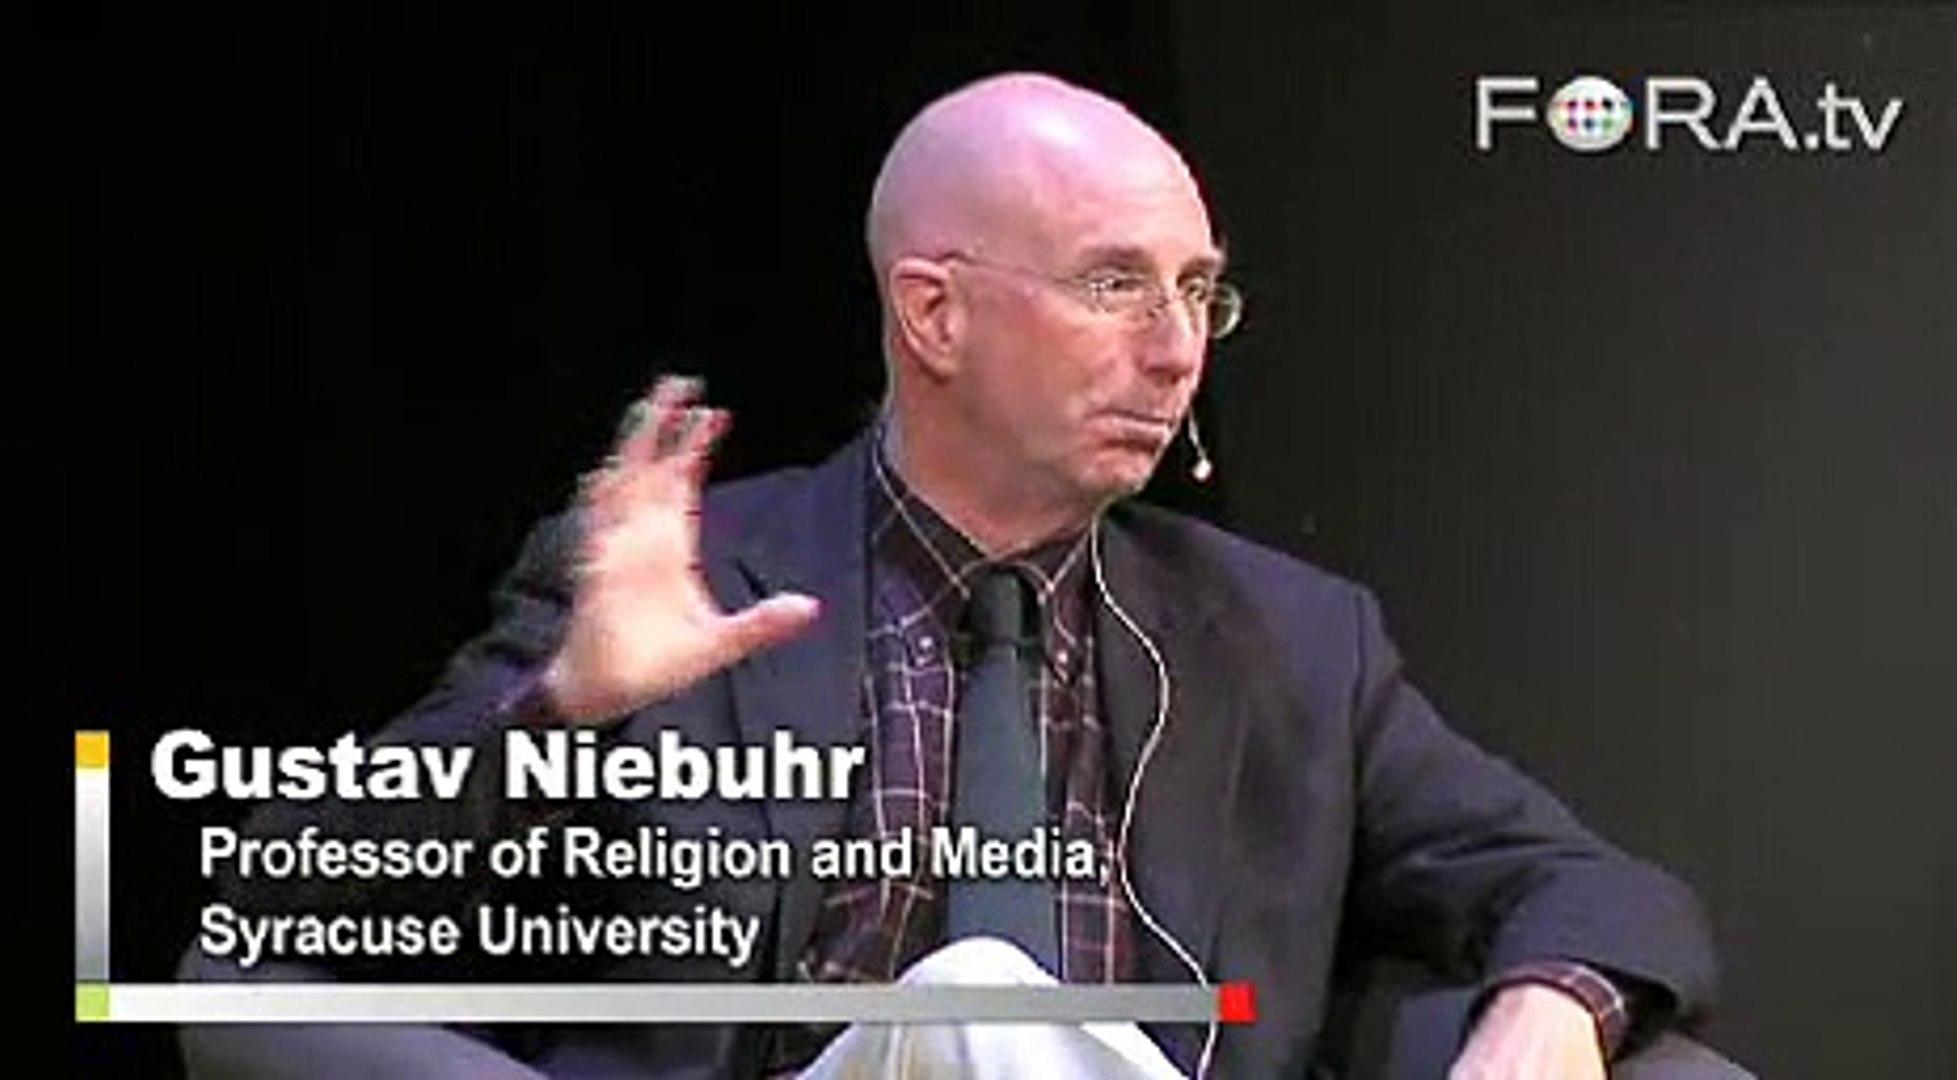 Gustav Niebuhr: Battling Harmful Religious Stereotypes